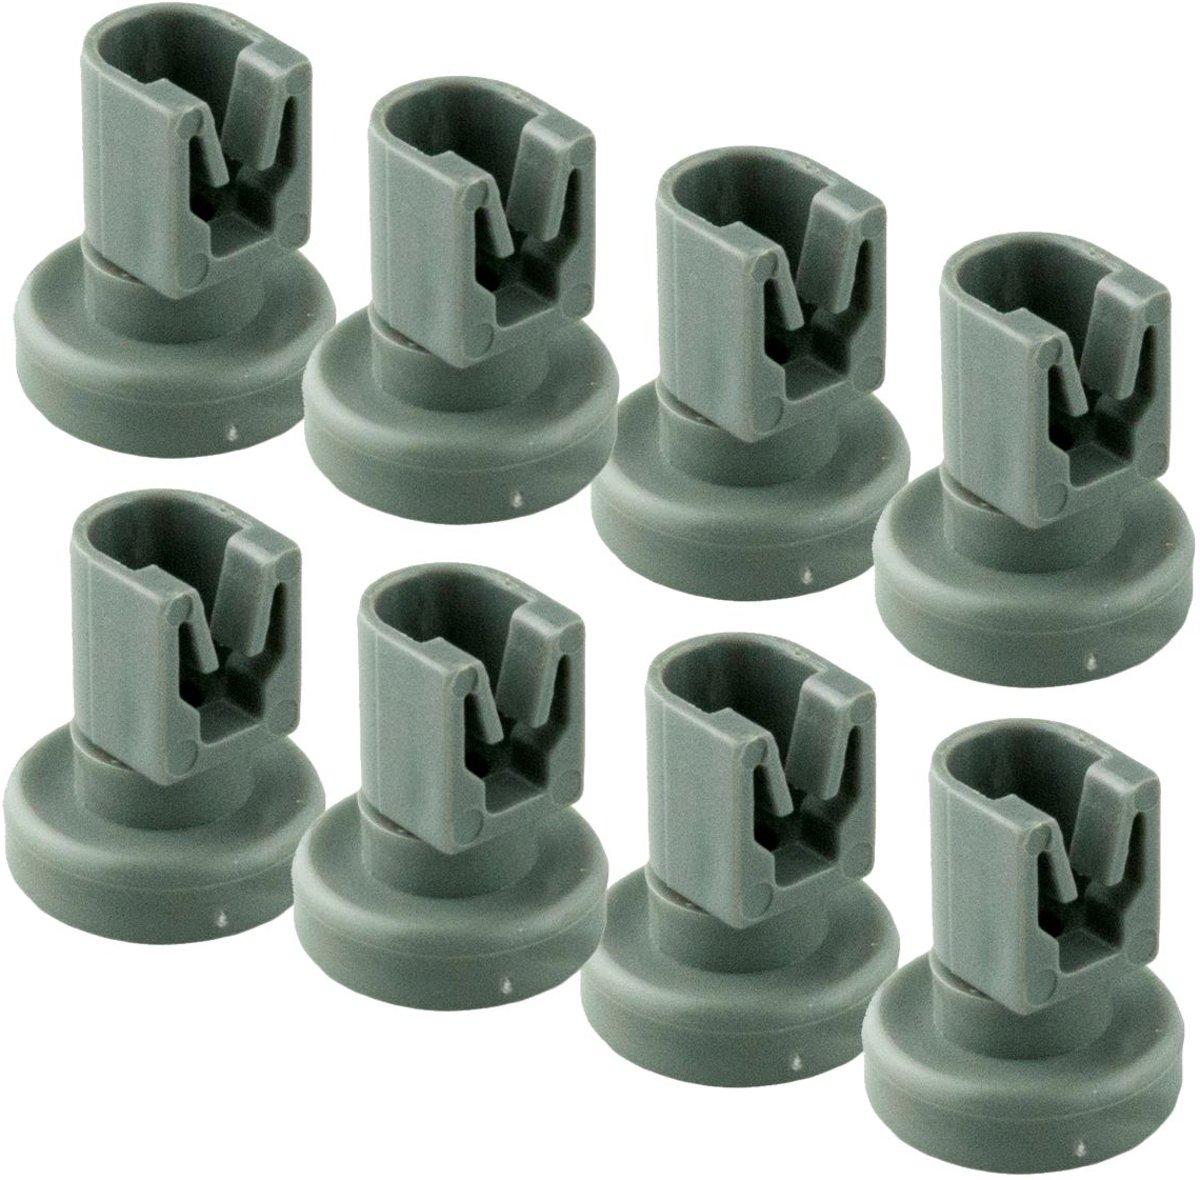 AEG - Electrolux Wiel Set van bovenkorf 8 stuks 24mm 50286967000 -50278101006 kopen